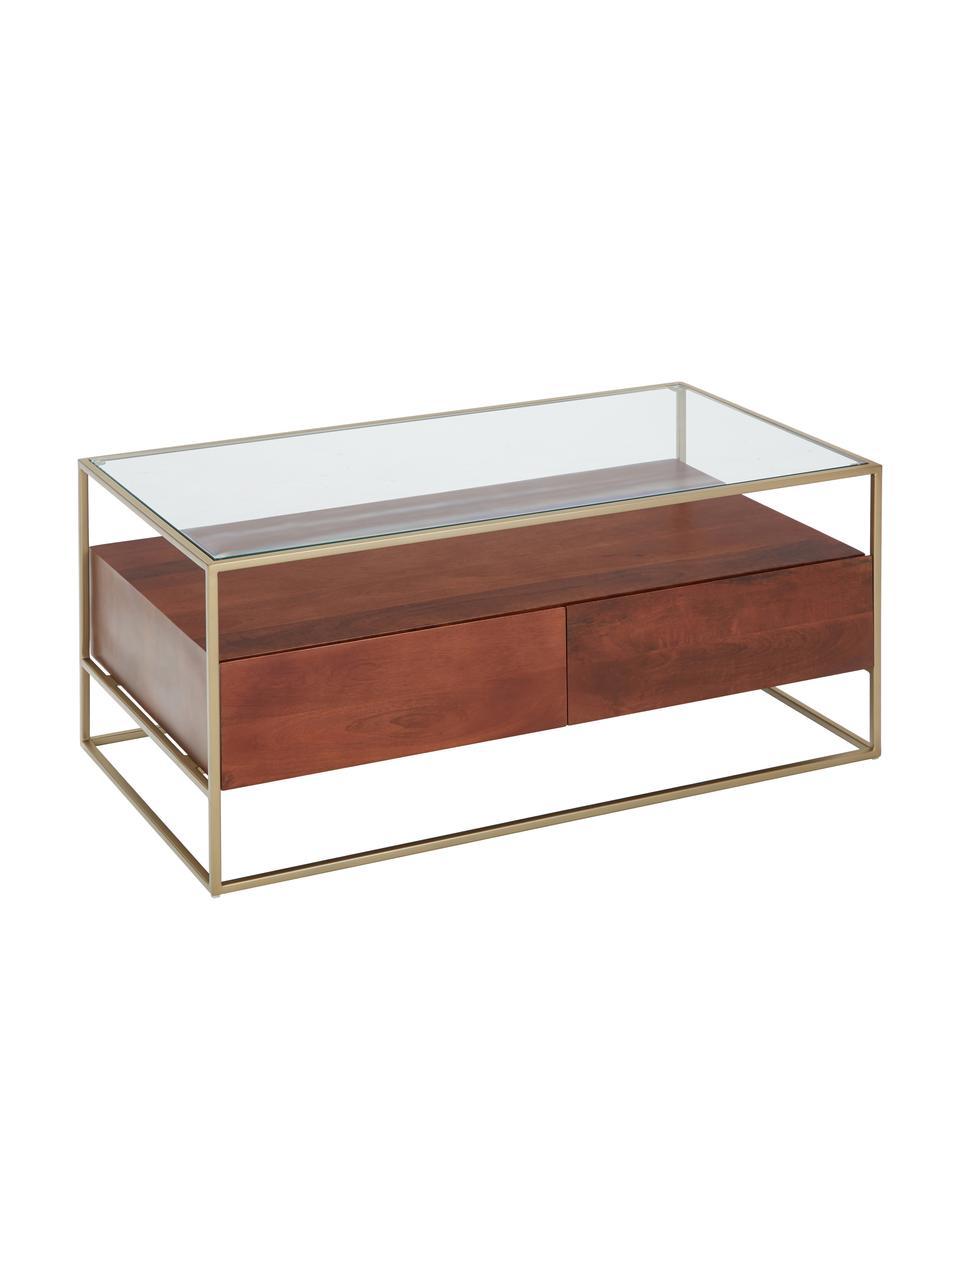 Couchtisch Theodor mit Schubladen, Tischplatte: Glas, Gestell: Metall, pulverbeschichtet, Transparent, Mangoholz, Goldfarben, 100 x 45 cm